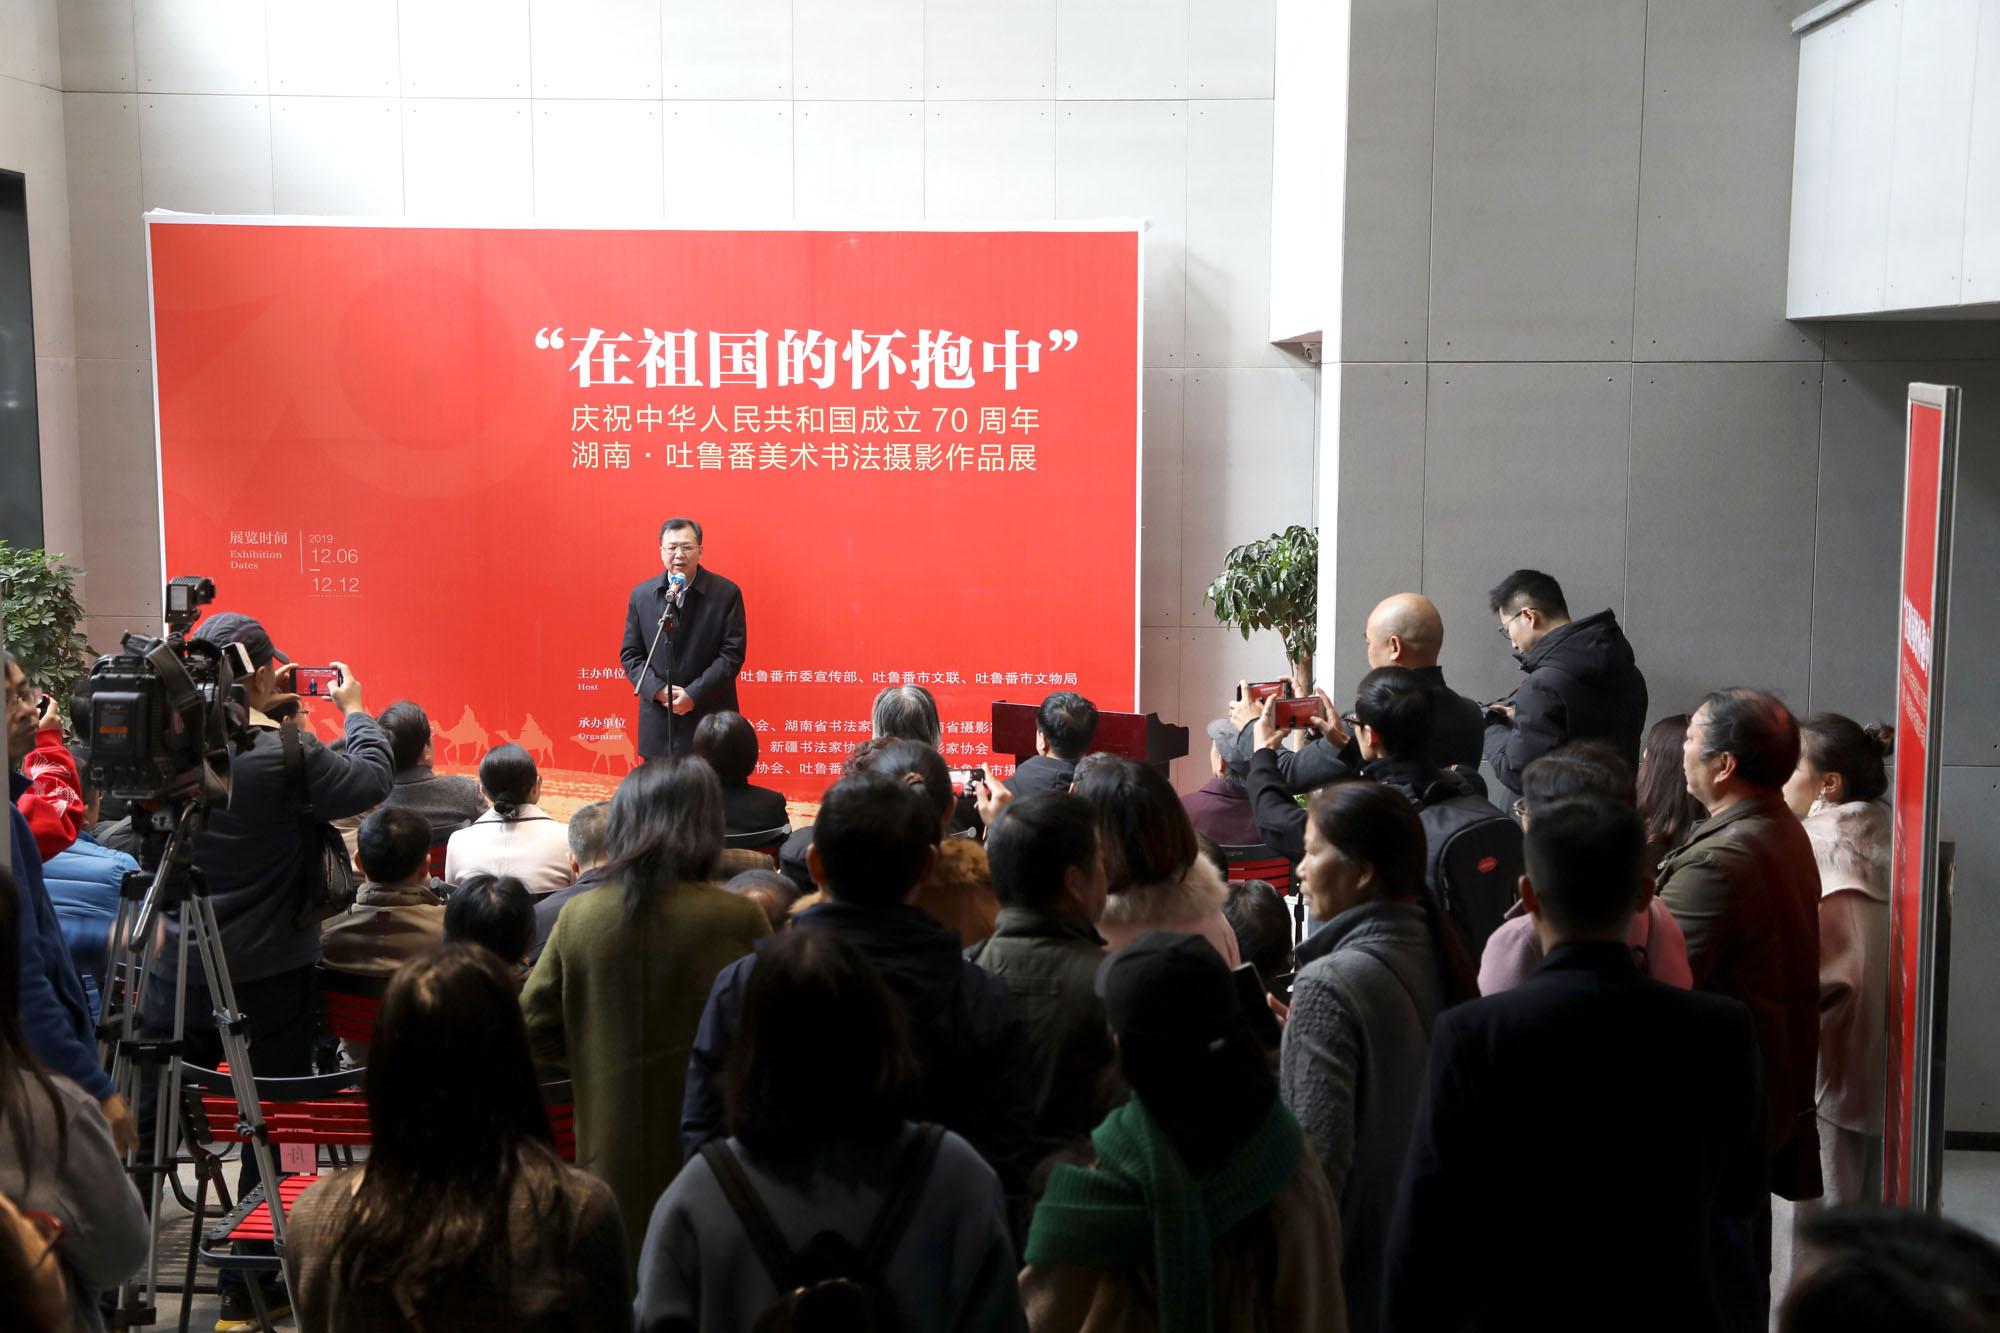 """""""在祖国的怀抱中""""——庆祝中华人民共和国成立70周年湖南·吐鲁番美术书法摄影作品展在长沙开幕"""